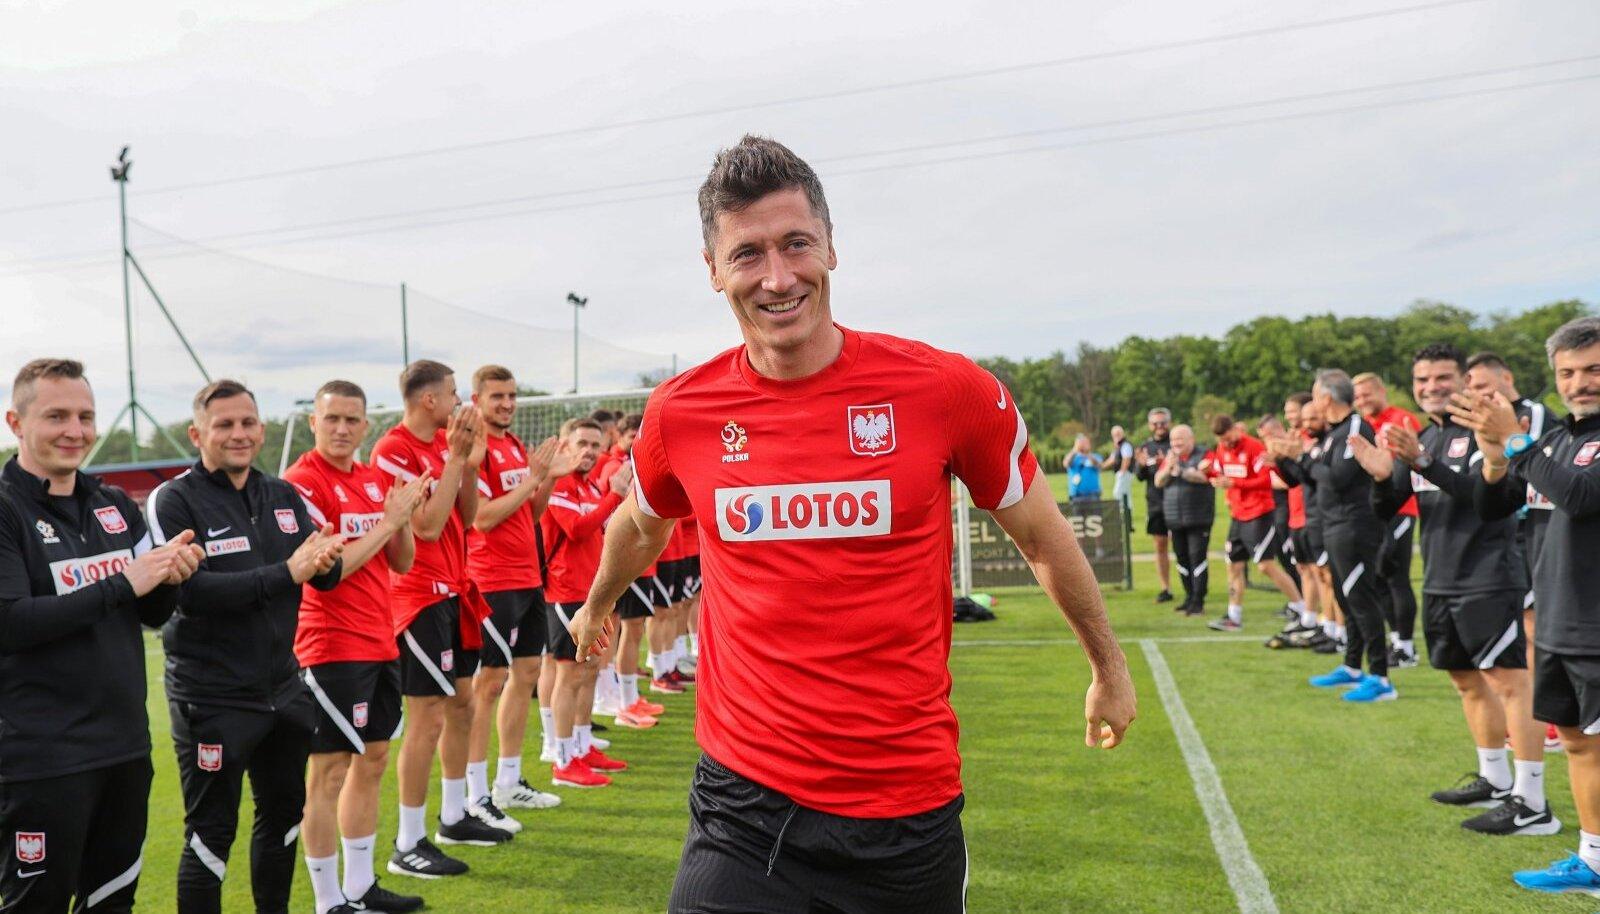 Poola koondises keerleb kõik ümber Robert Lewandowski. Alates eelmisest aastast peetakse teda laialdaselt maailma parimaks jalgpalluriks.